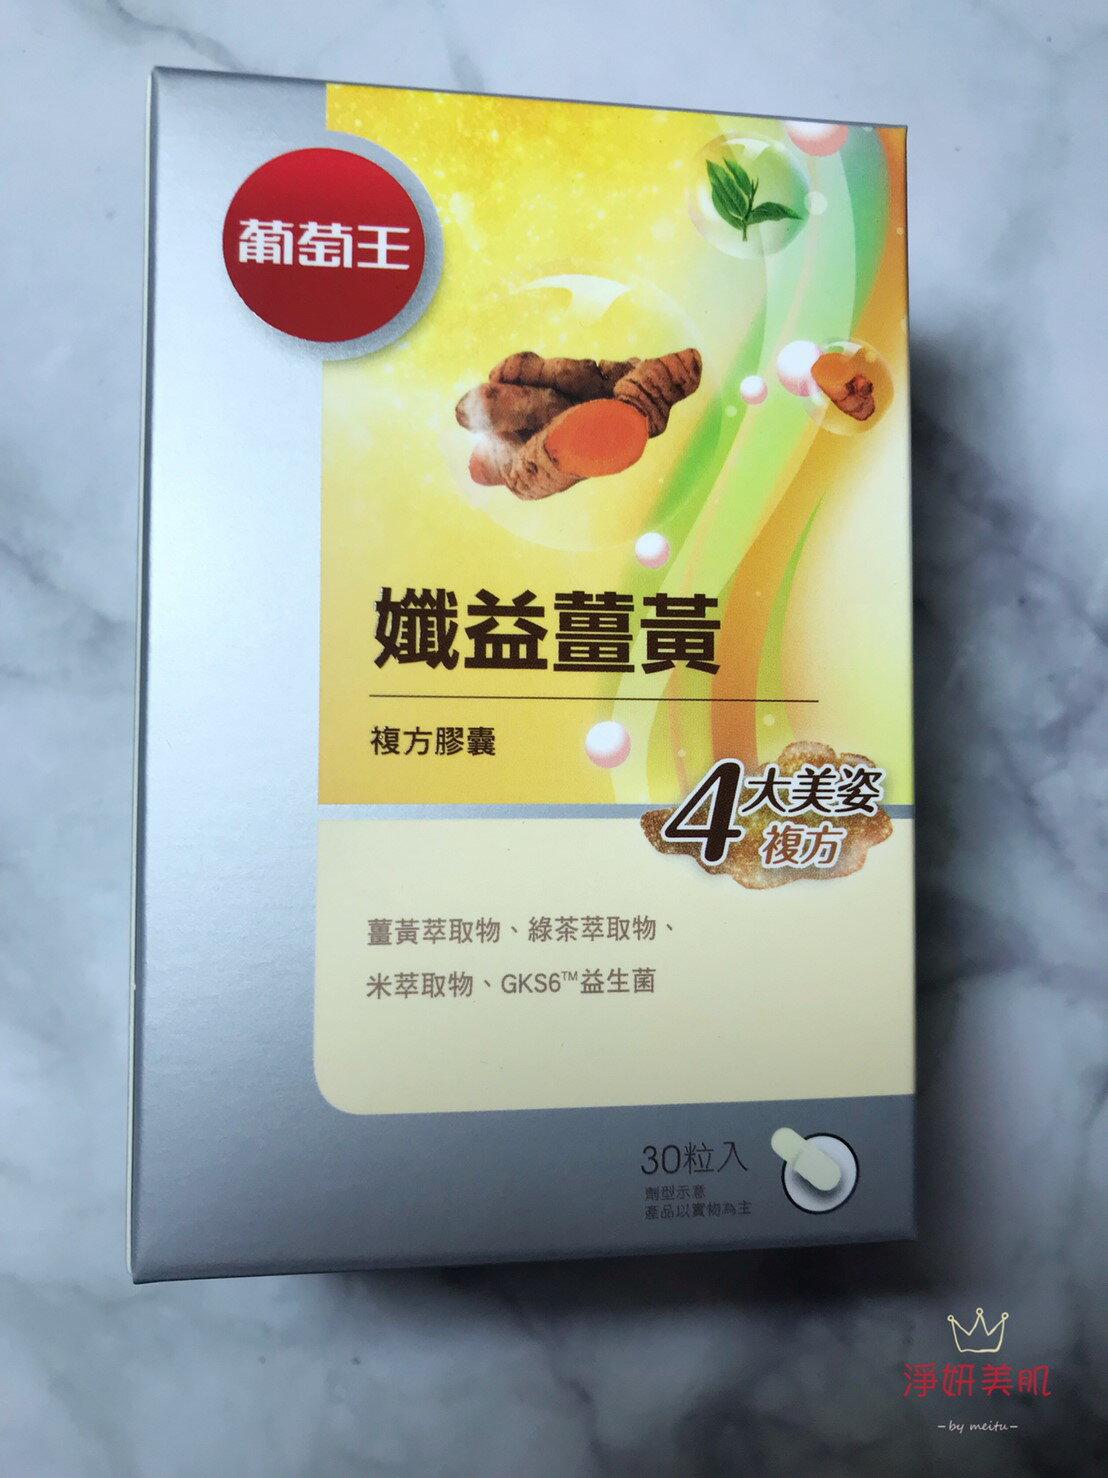 葡萄王 孅益薑黃複方膠囊(30粒 / 瓶) 效期2022.05【淨妍美肌】 0